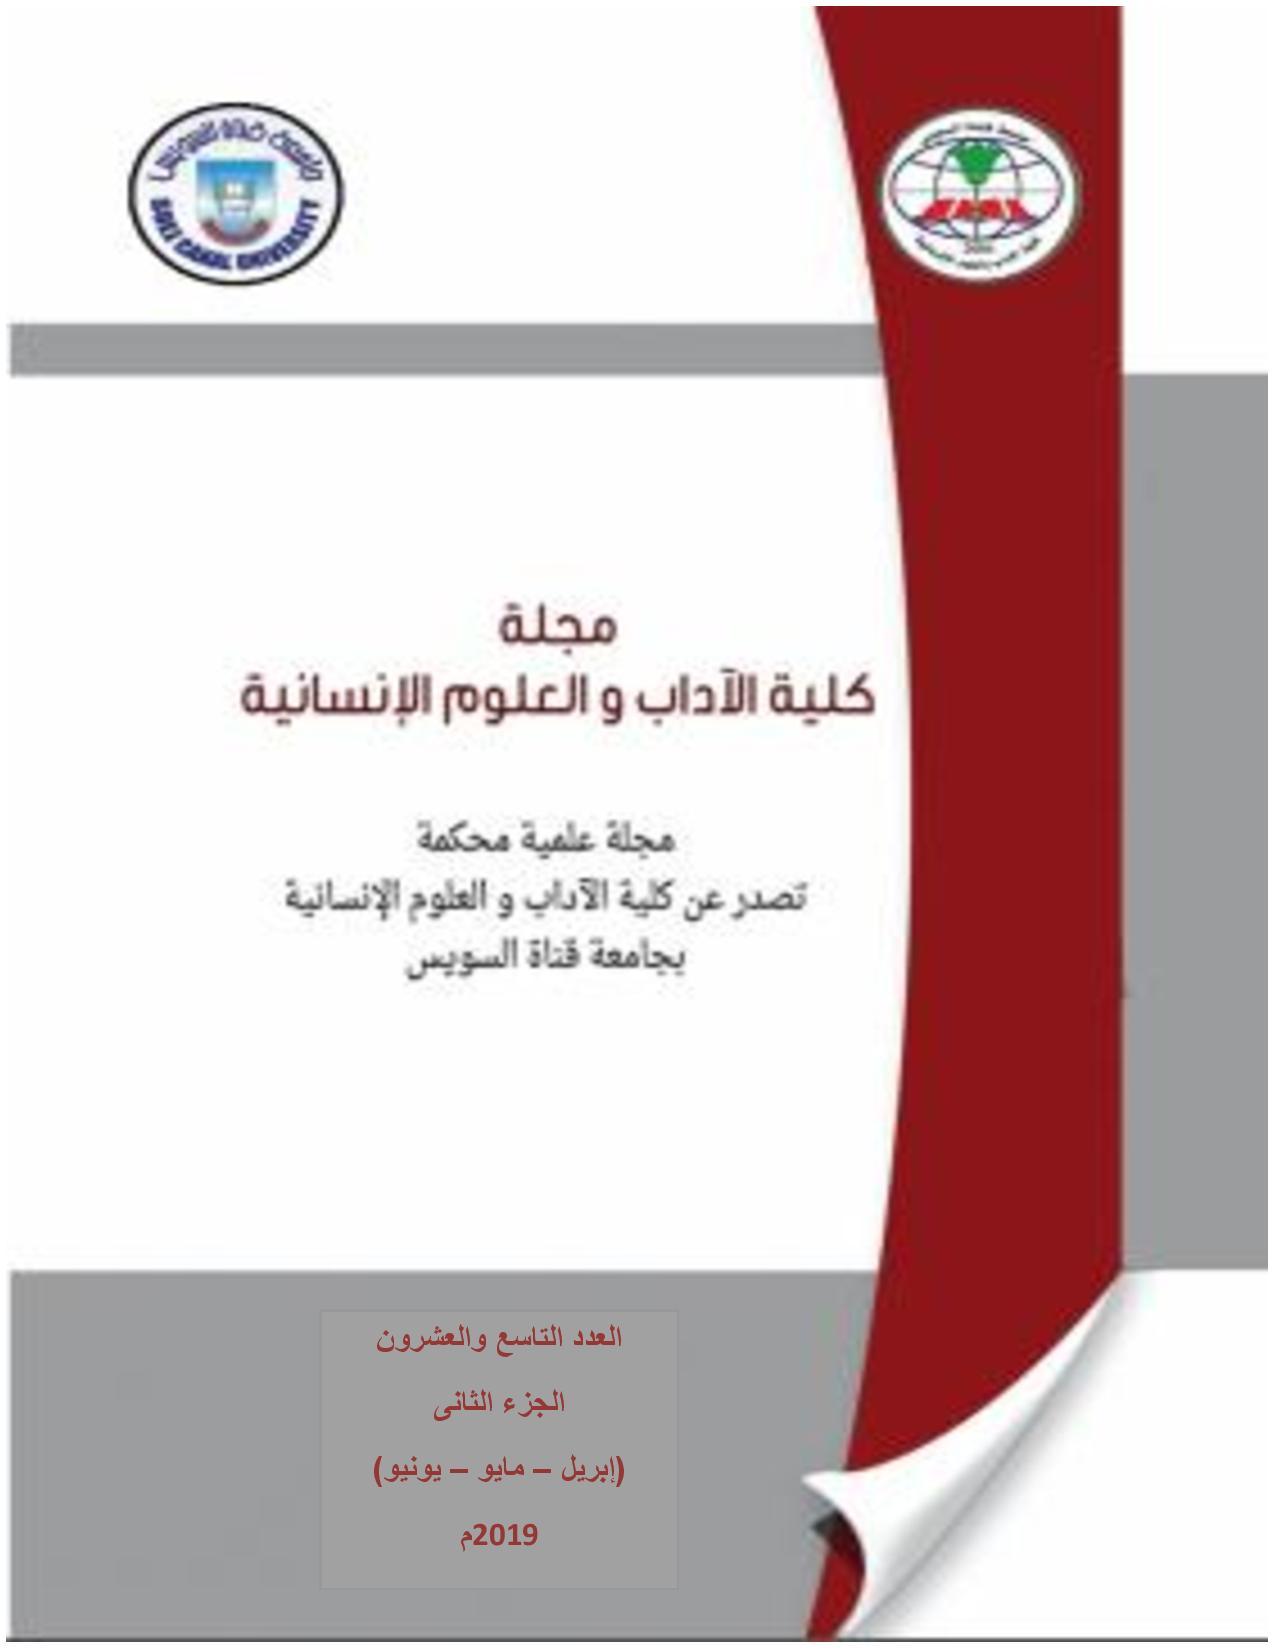 مجلة کلیة الآداب و العلوم الإنسانیة جامعة قناة السویس